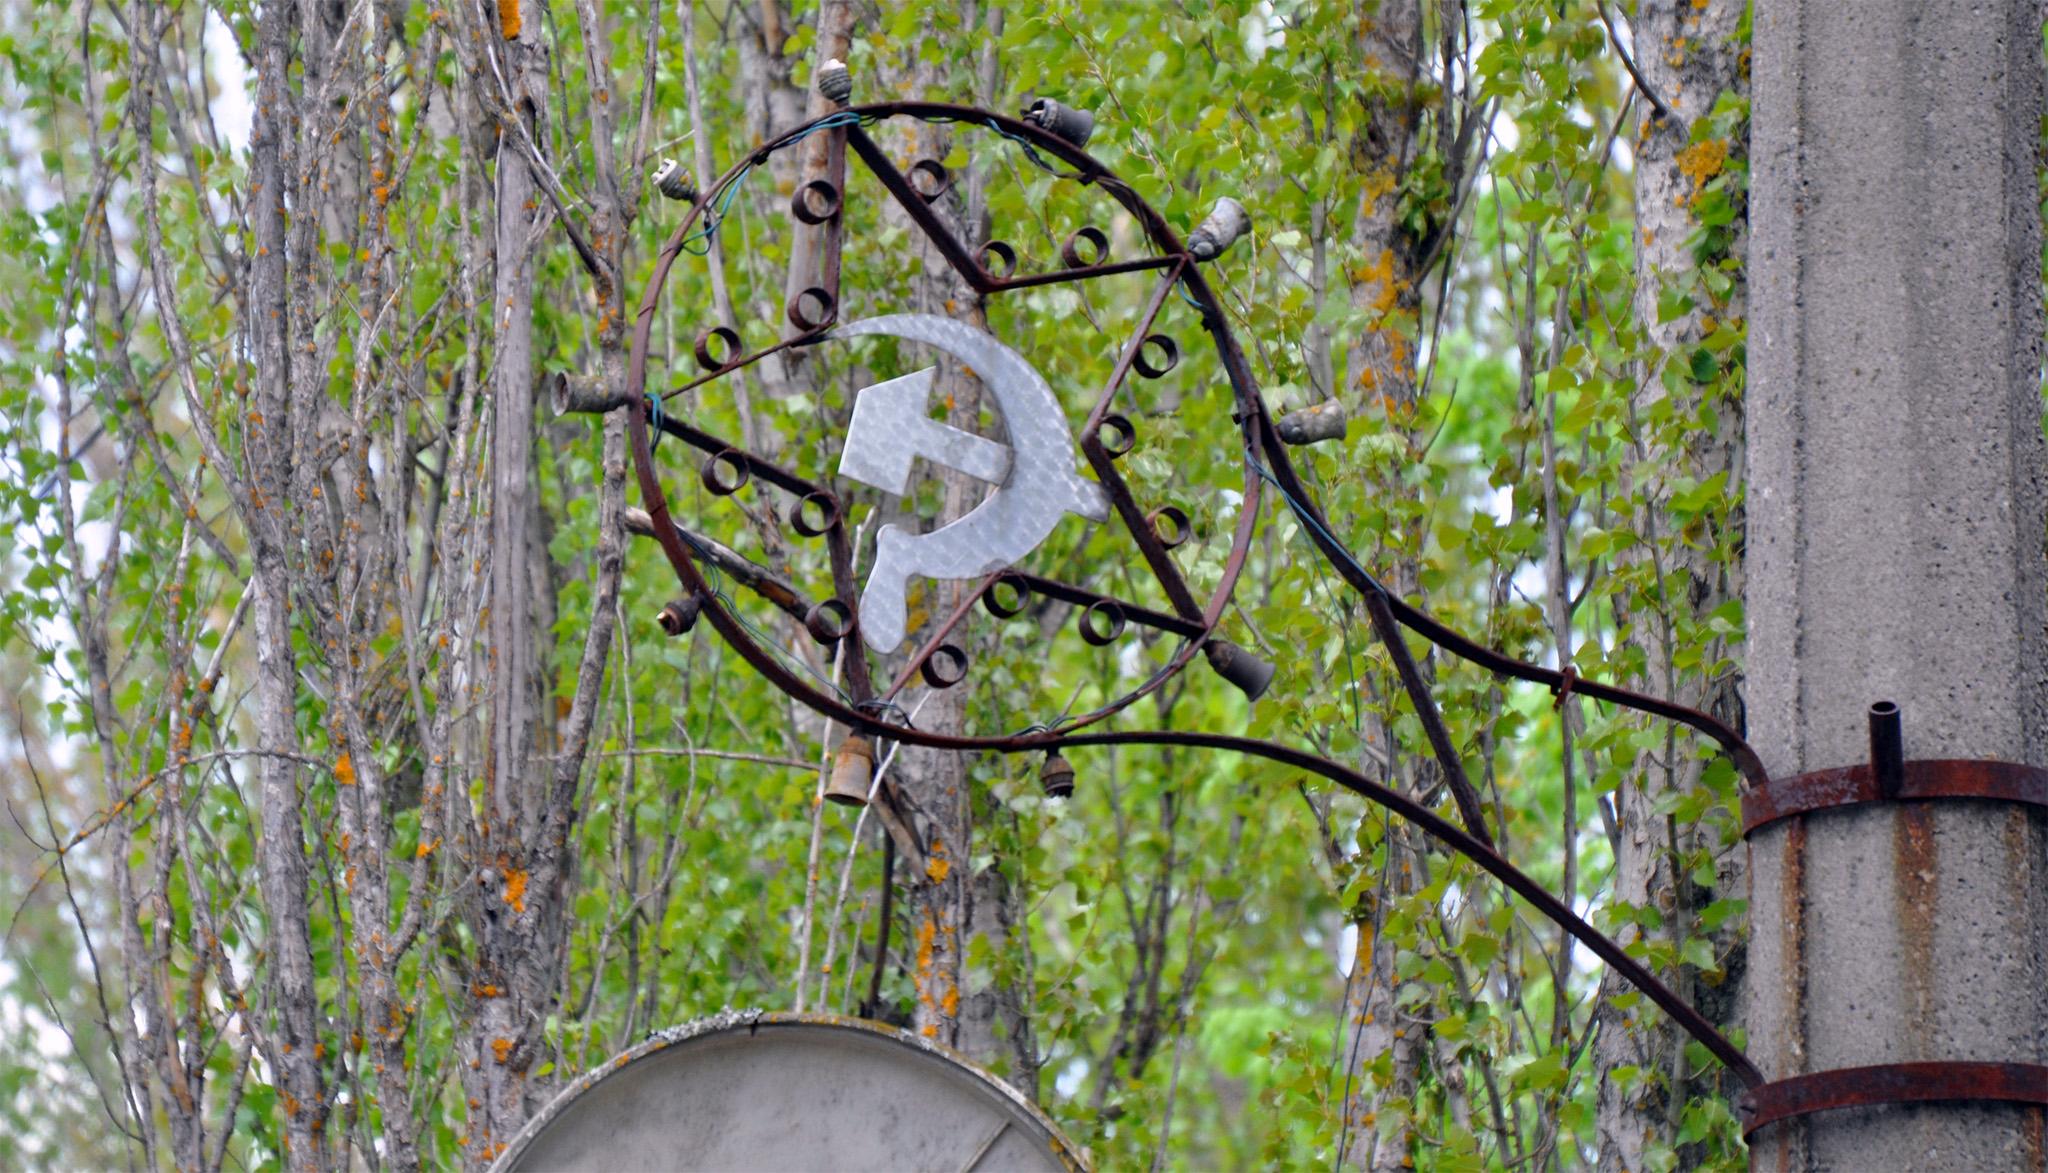 Visitar Chernóbil - Visitar Chernobyl Ucrania Ukraine Pripyat visitar chernóbil - 47045823024 c7f3a75280 o - Visitar Chernóbil: el lugar más contaminado del planeta